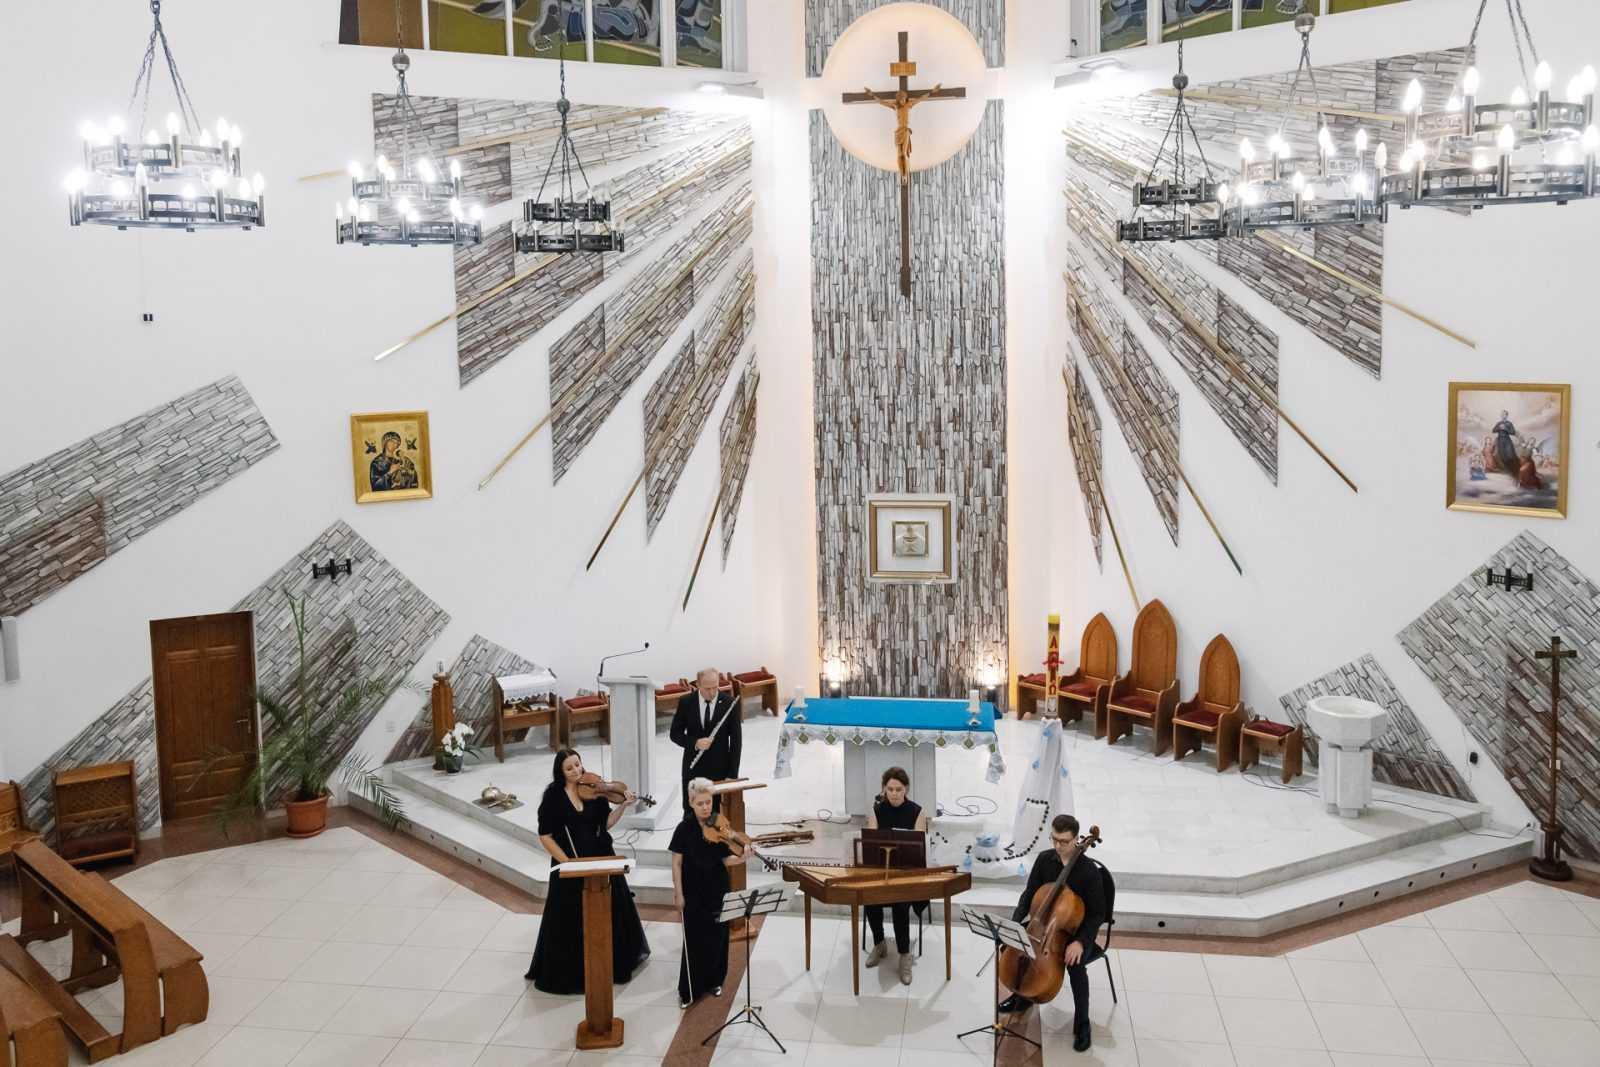 Музыка в храме КОНЦЕРТ «МАСТЕРА БАРОККО» 26.10.2019 30